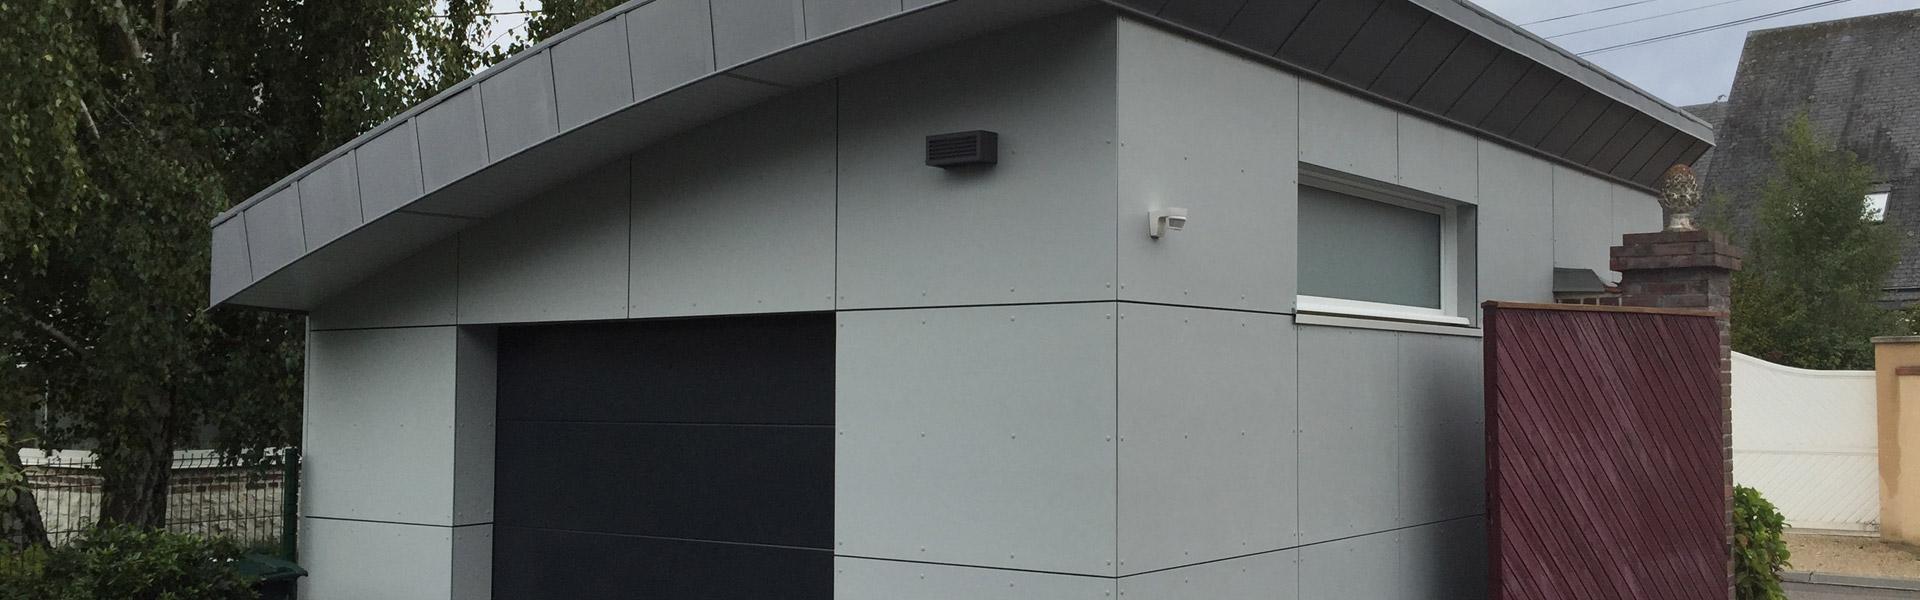 extensions-garage-ossature-bois-menuiserie-mouquet